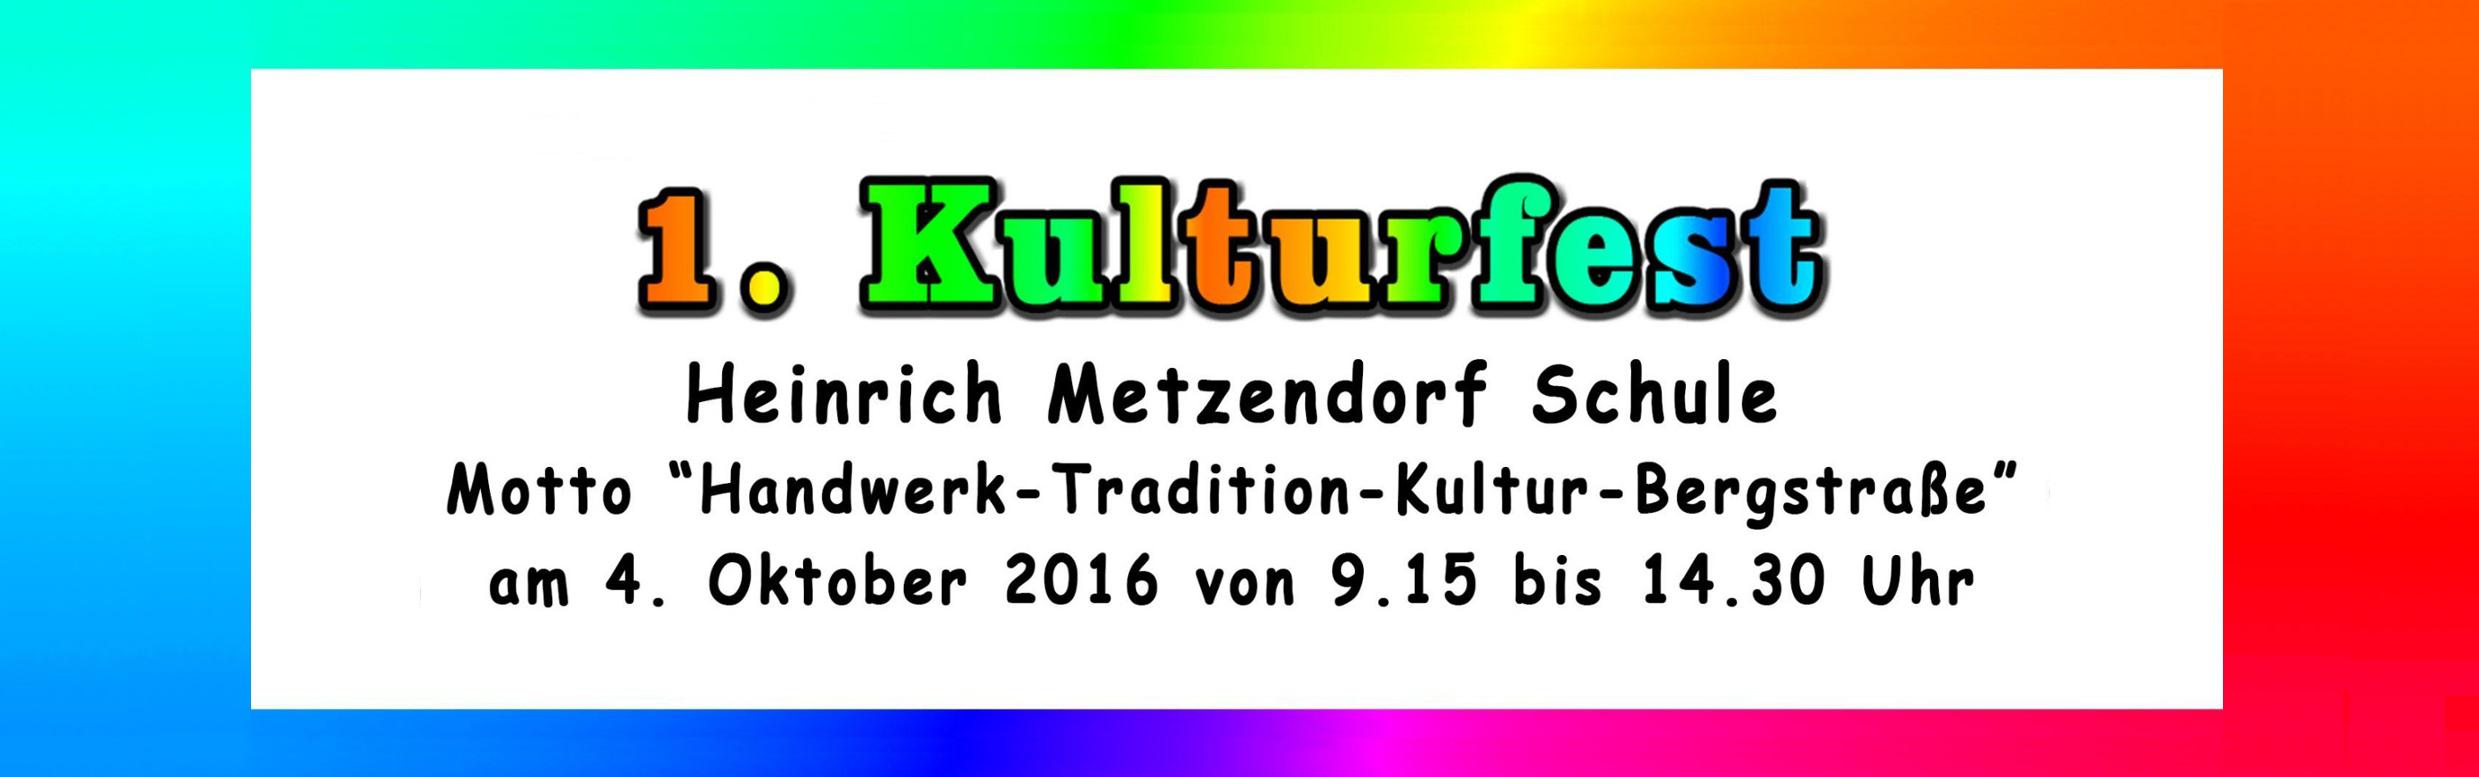 KulturfestMetzendorfSliderNeu2